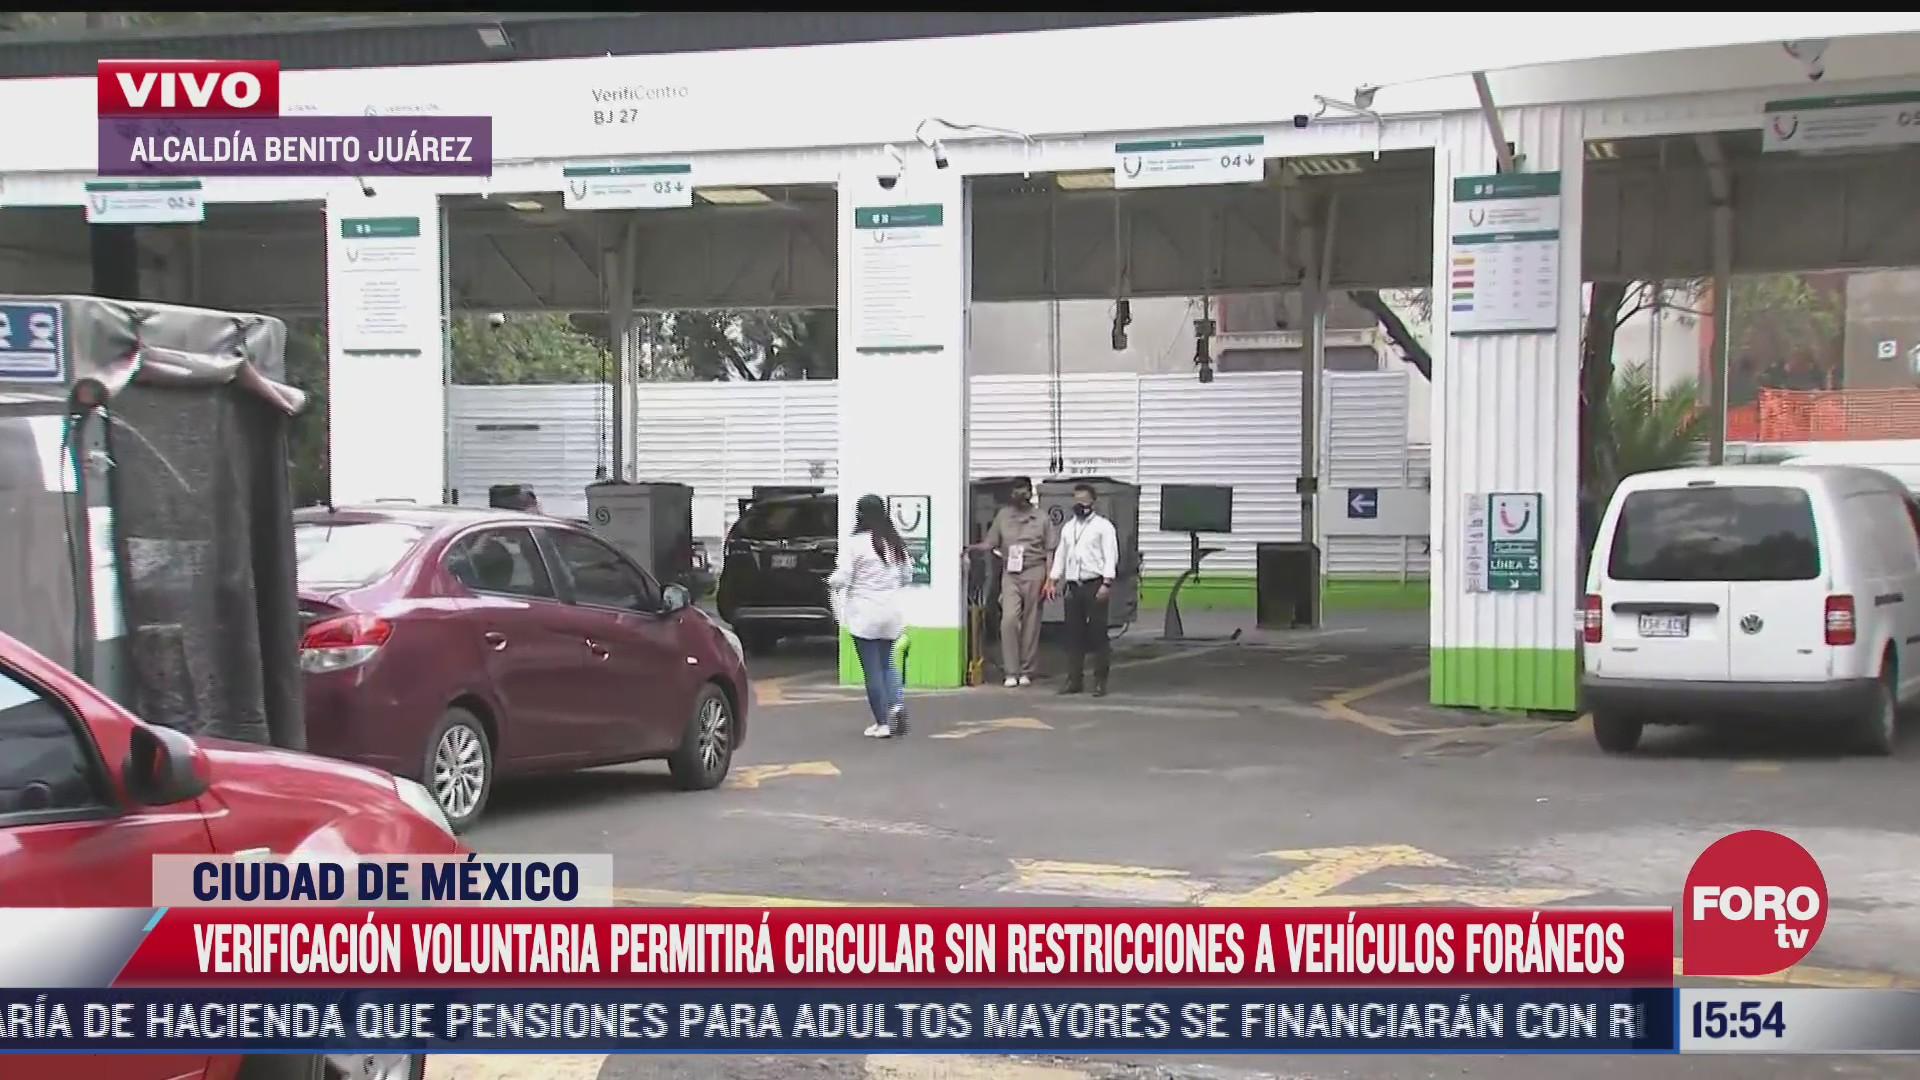 programa de verificacion voluntaria permitira circulacion sin restriccion de vehiculos foraneos